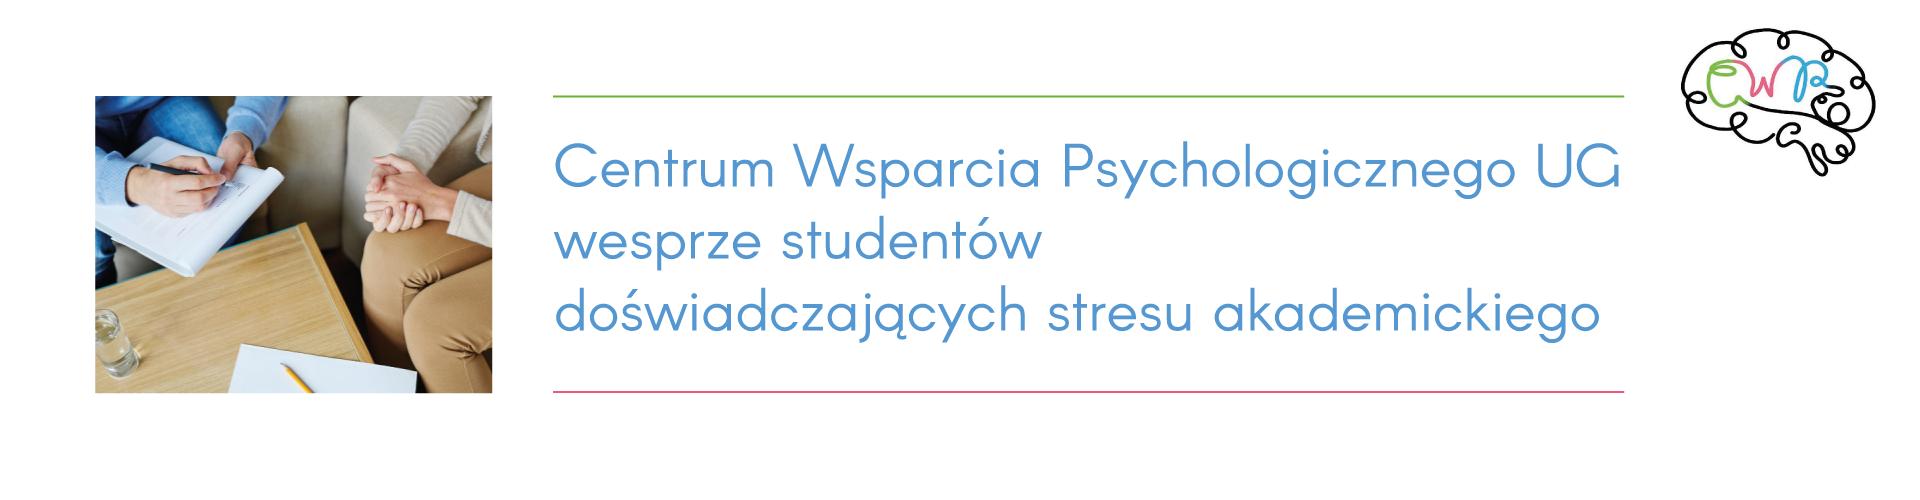 Nowa inicjatywa Instytutu Psychologii i Centrum Wsparcia Psychologicznego UG